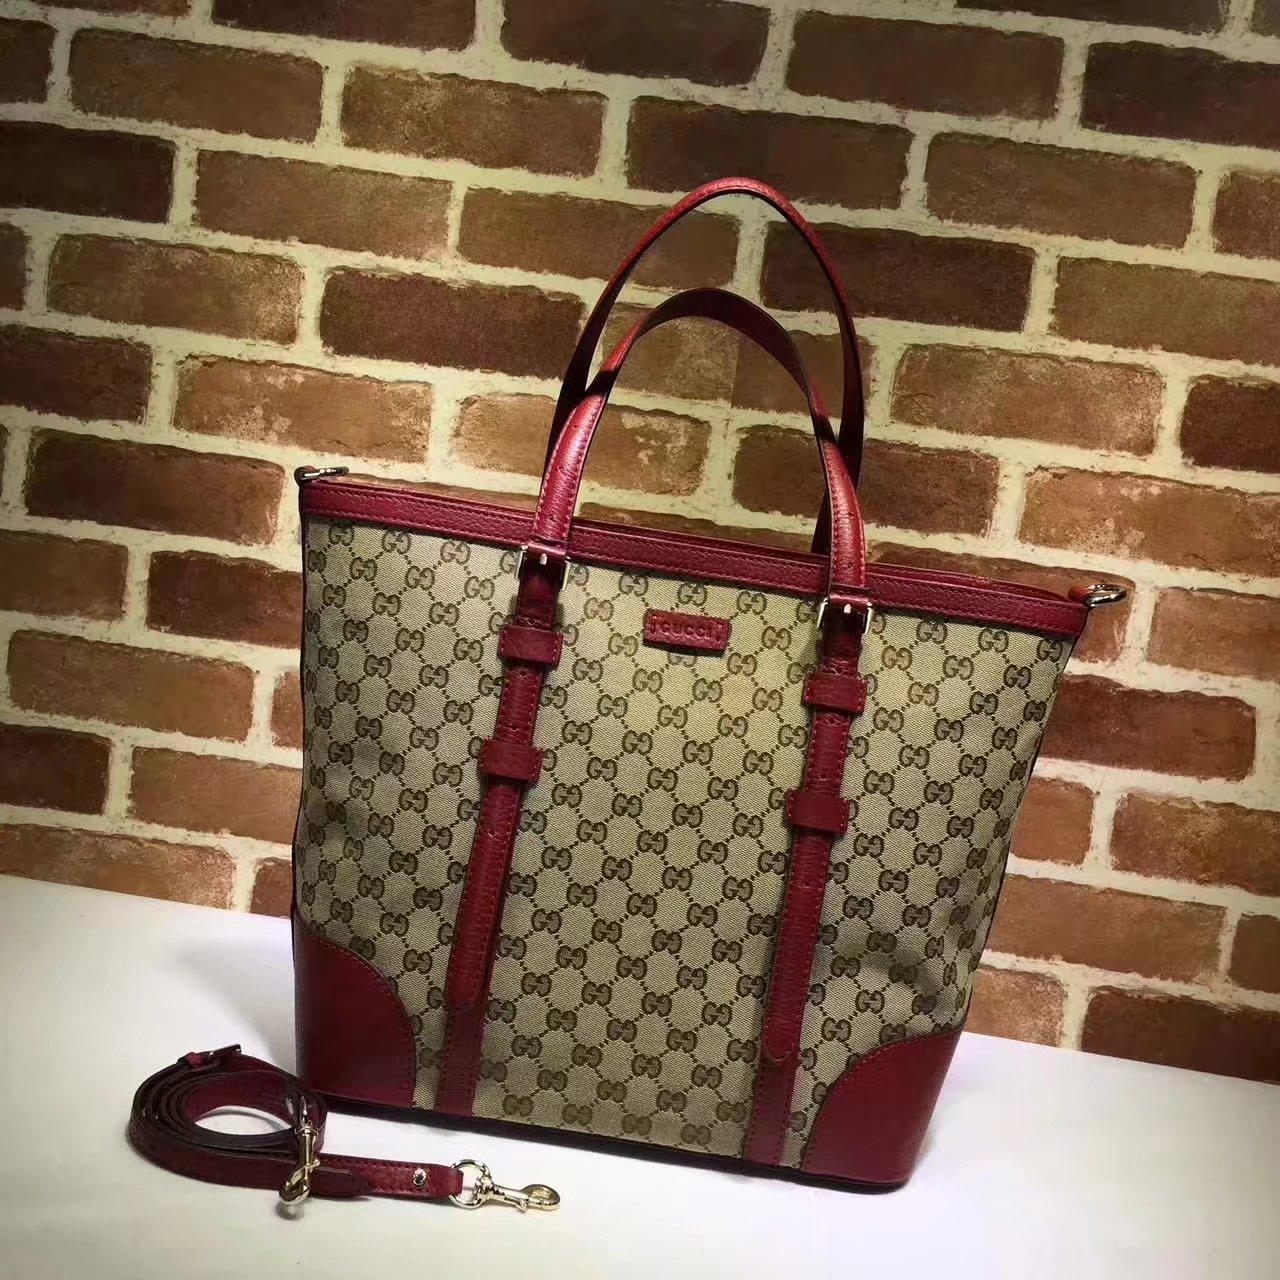 Original Gucci 387602 GG Supreme Women Tote Bag Red